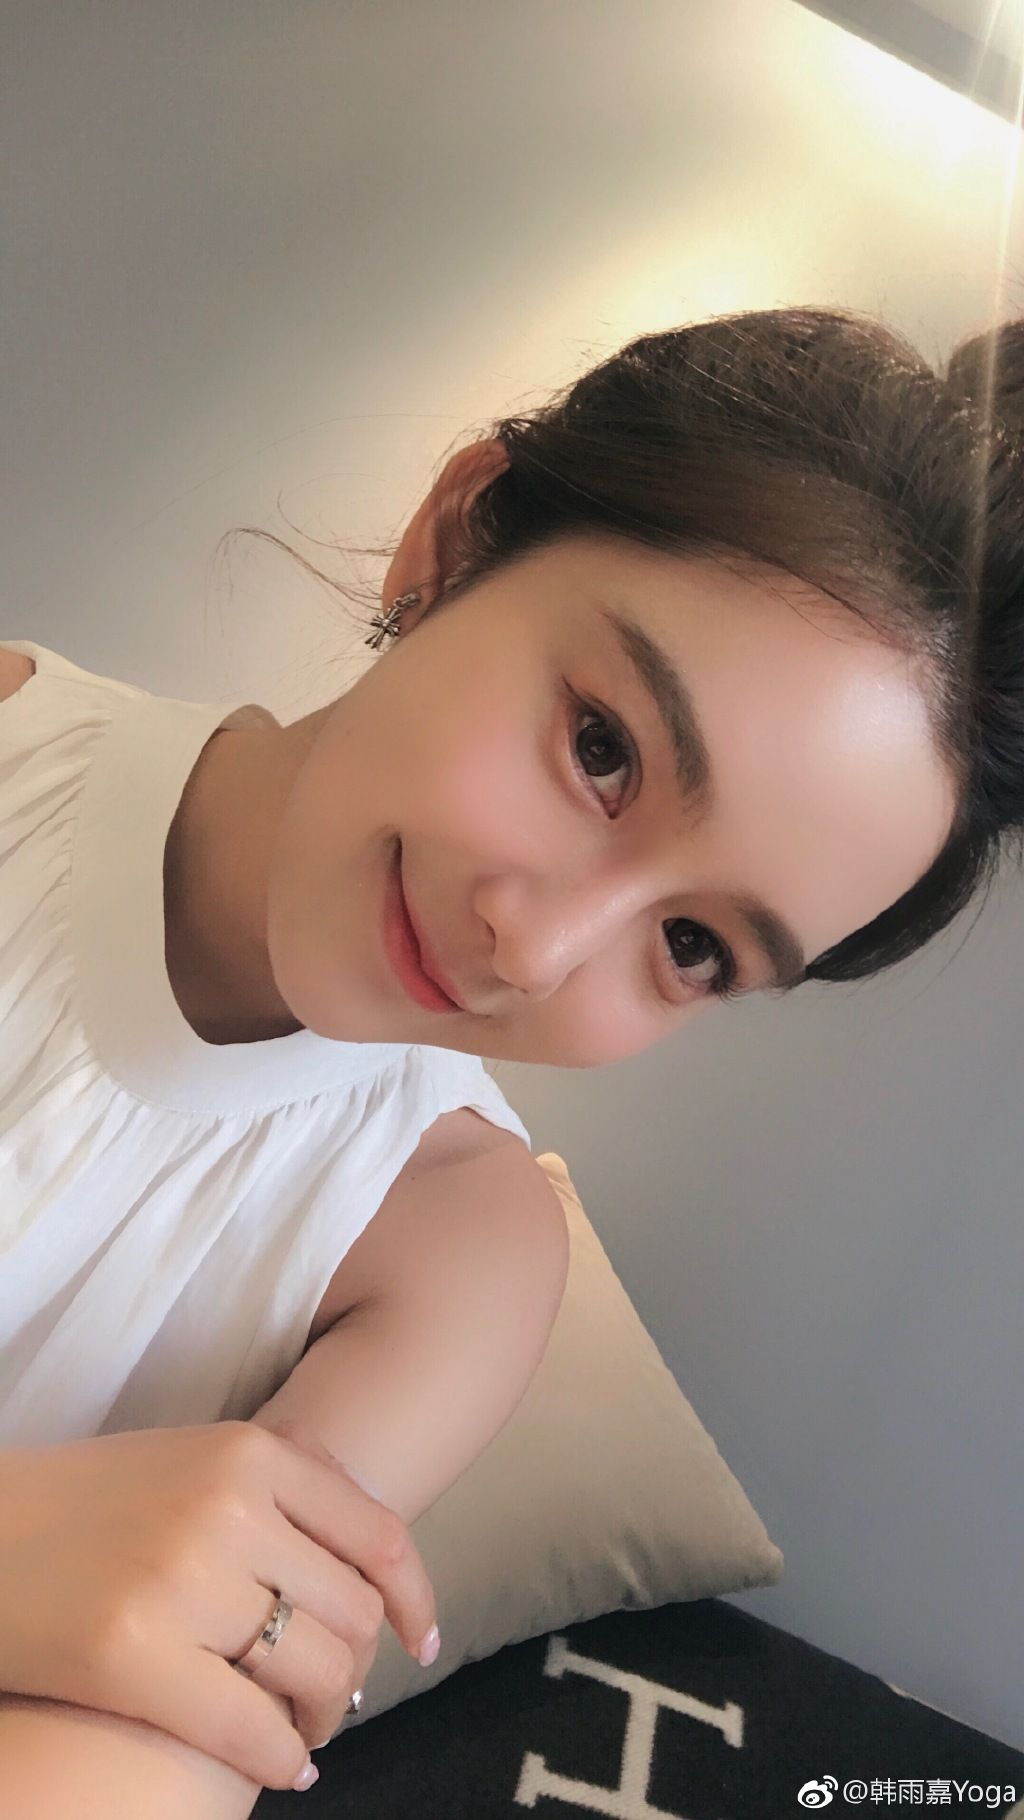 American Makeup Vs Korean natural makeup, American